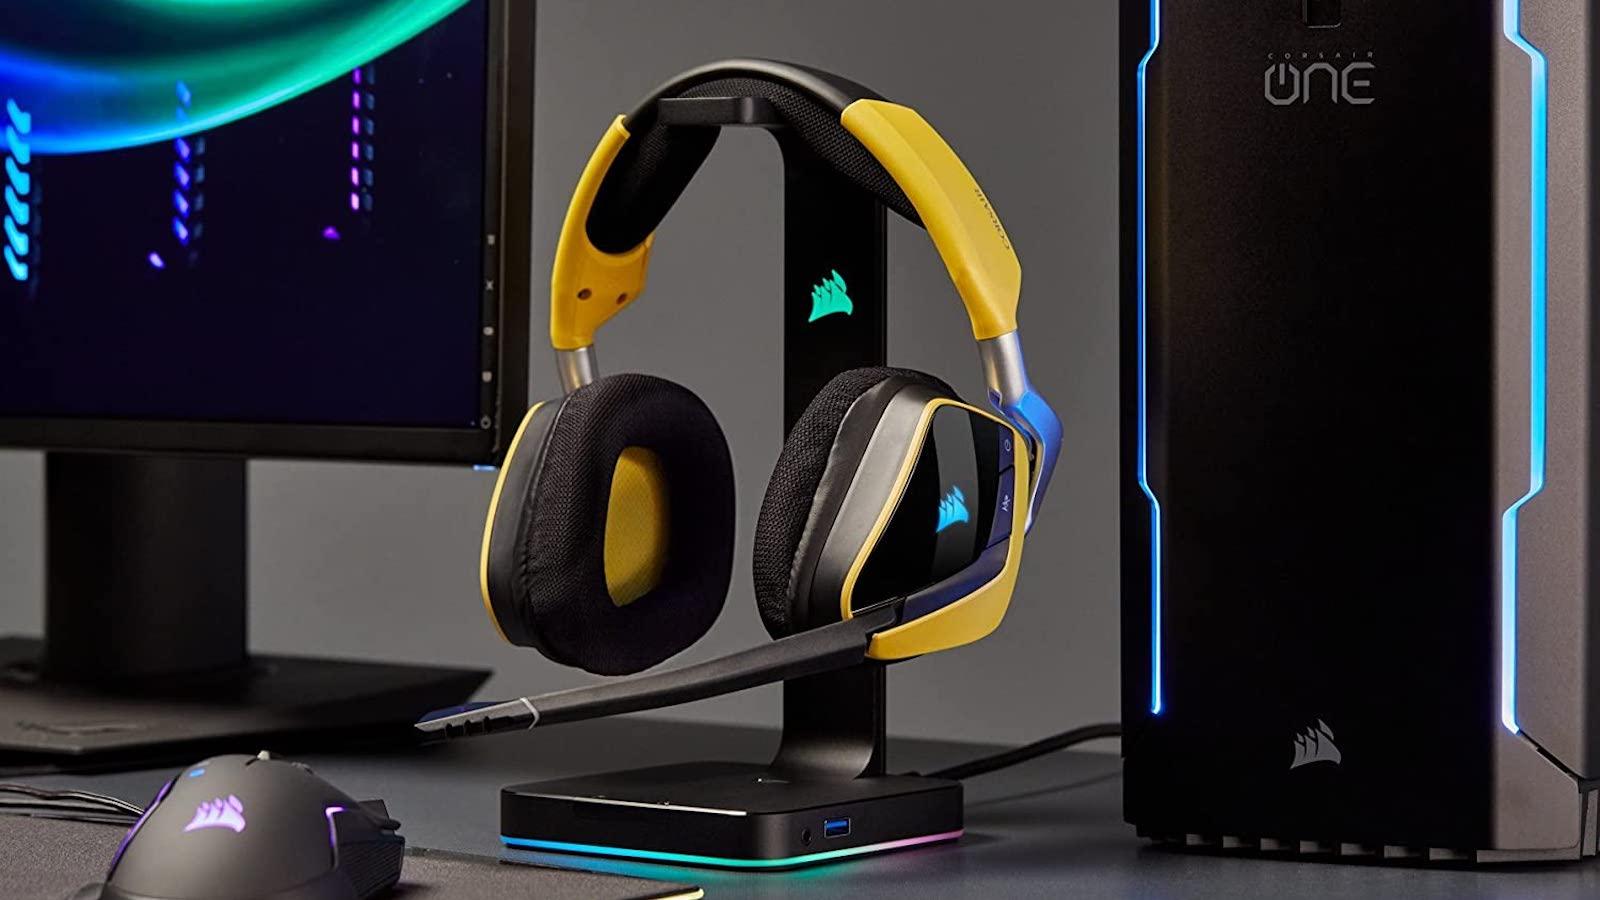 CORSAIR VOID ELITE Gaming Headphones